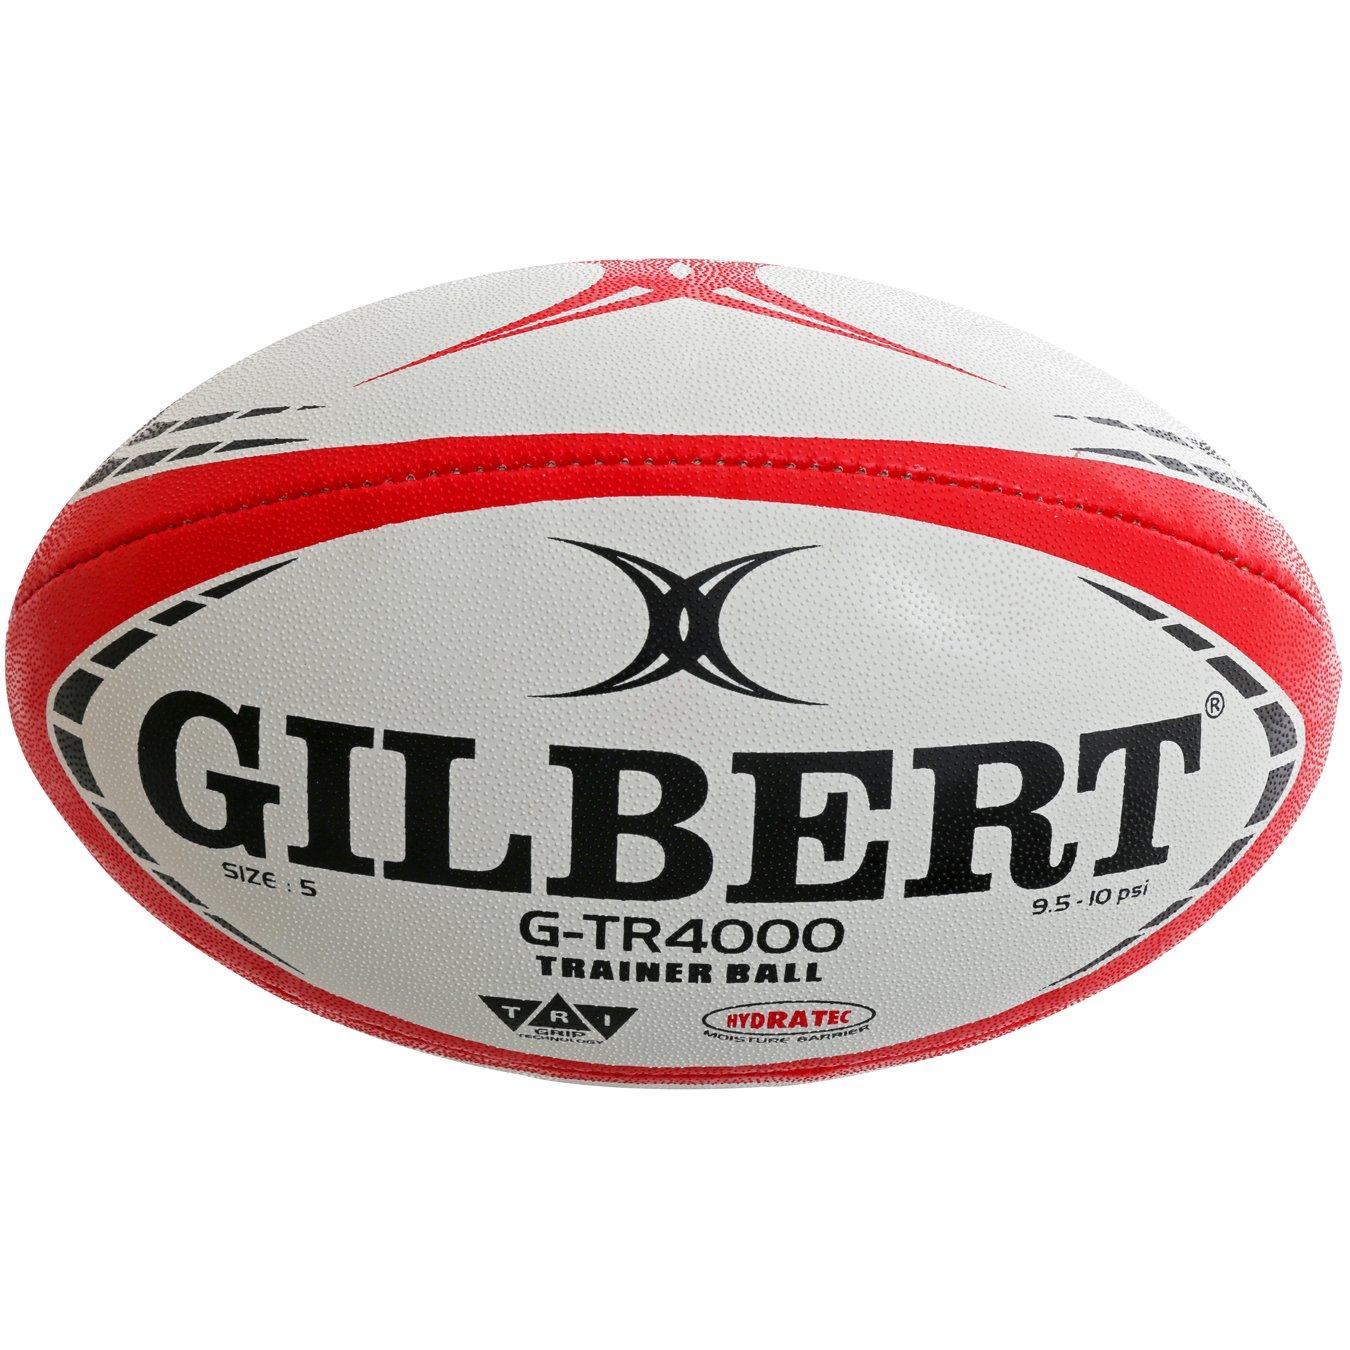 Gilbert G-tr4000Trainer Boule Grays 4209800